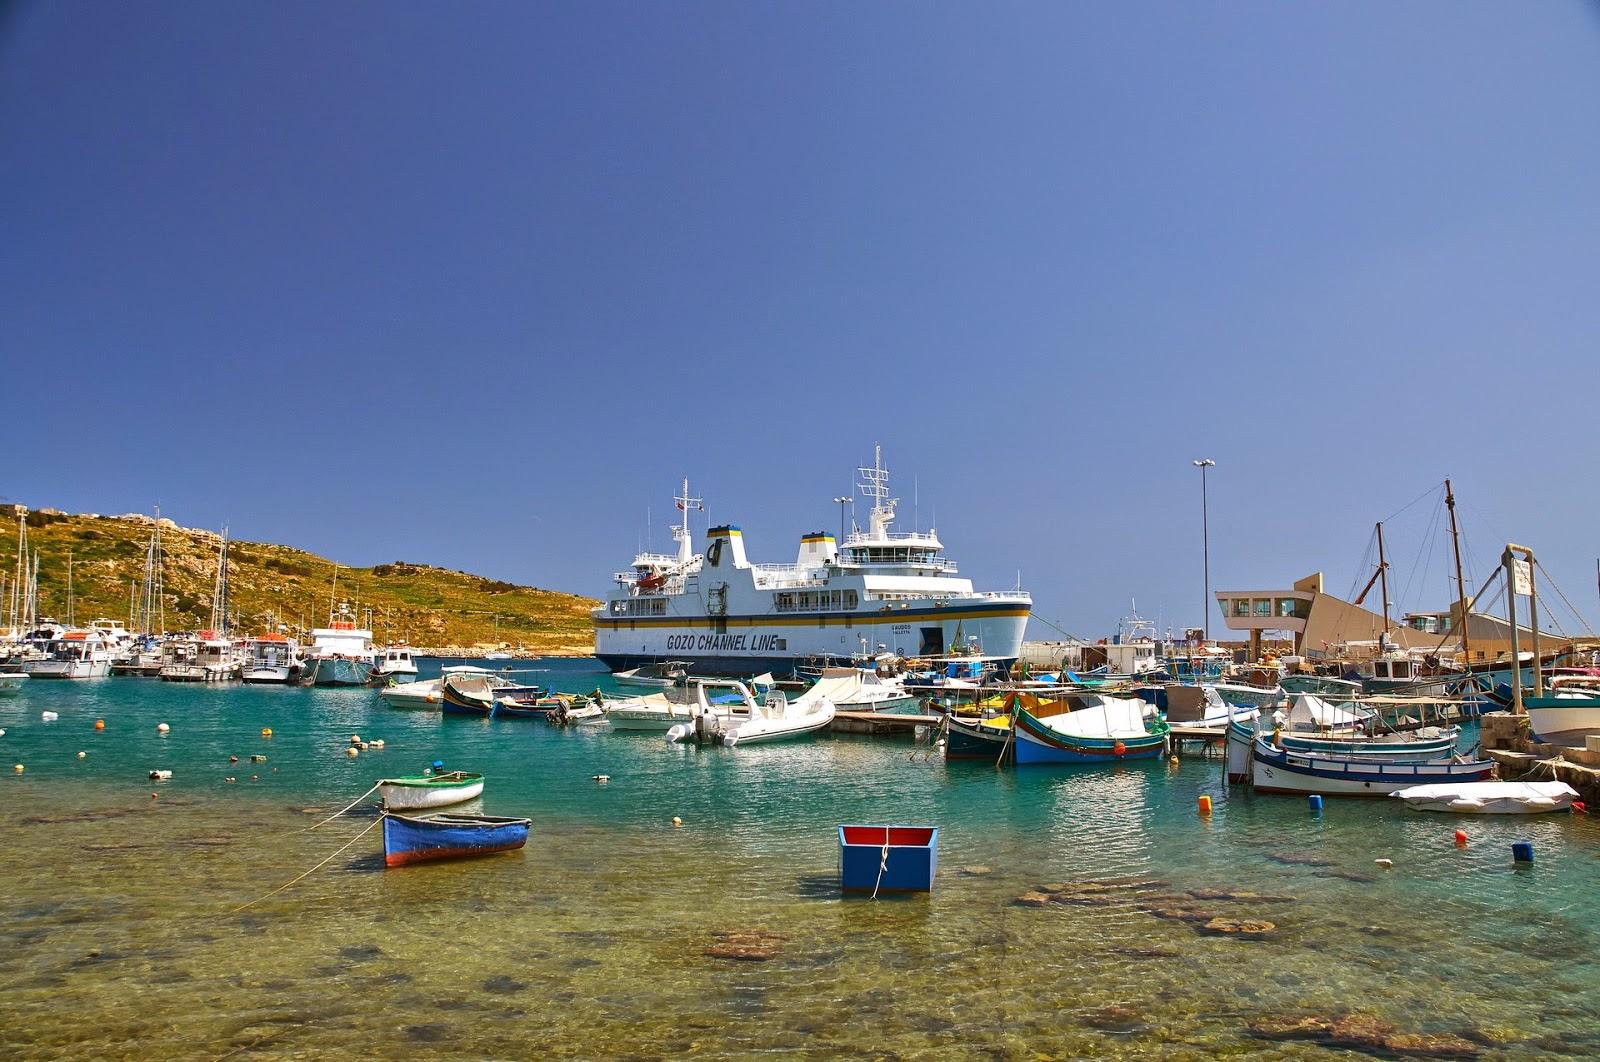 kolorowe łódki na Malcie gdzie je można zobaczyć?